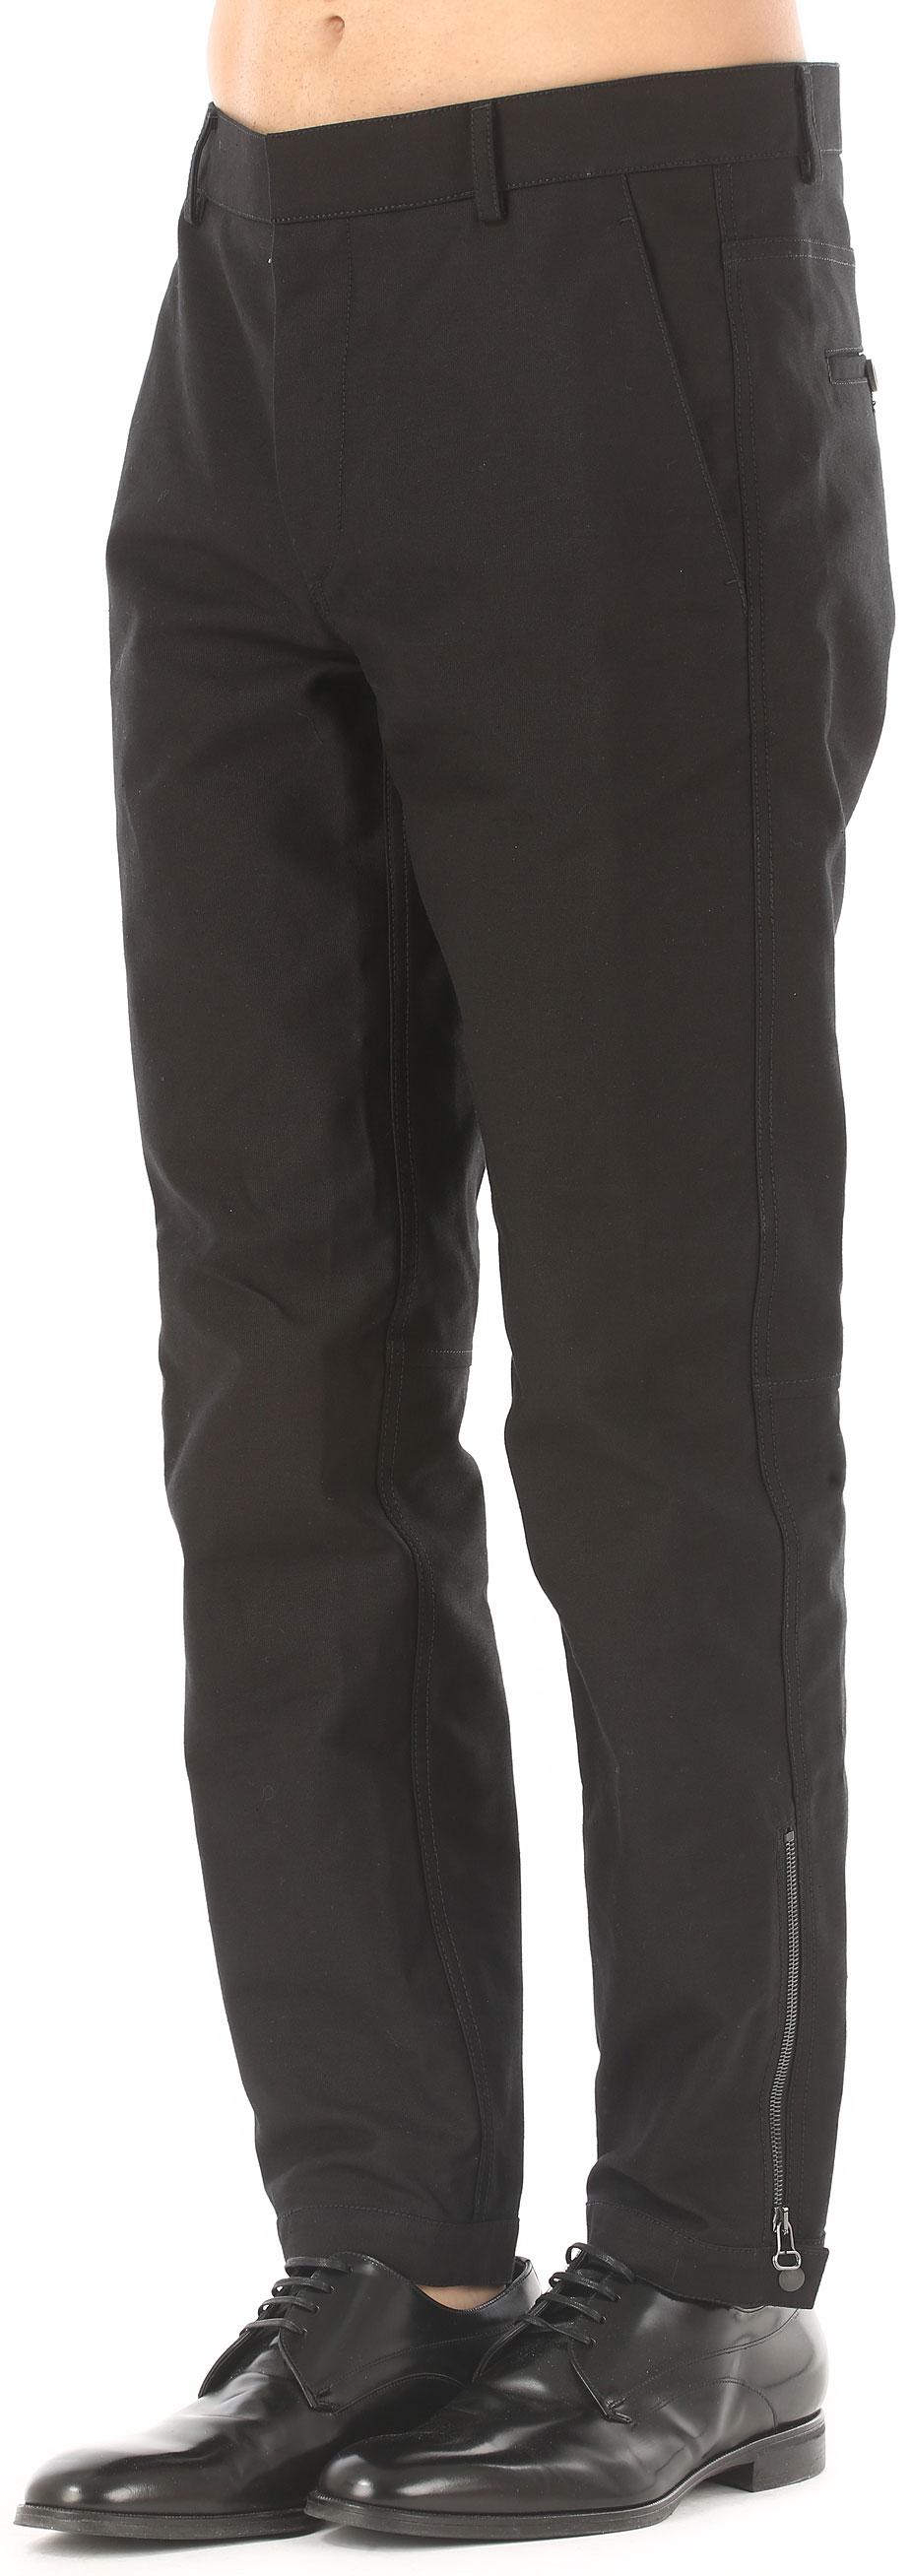 Abbigliamento Uomo Lanvin, Codice Articolo: rmtr0029a16-10-